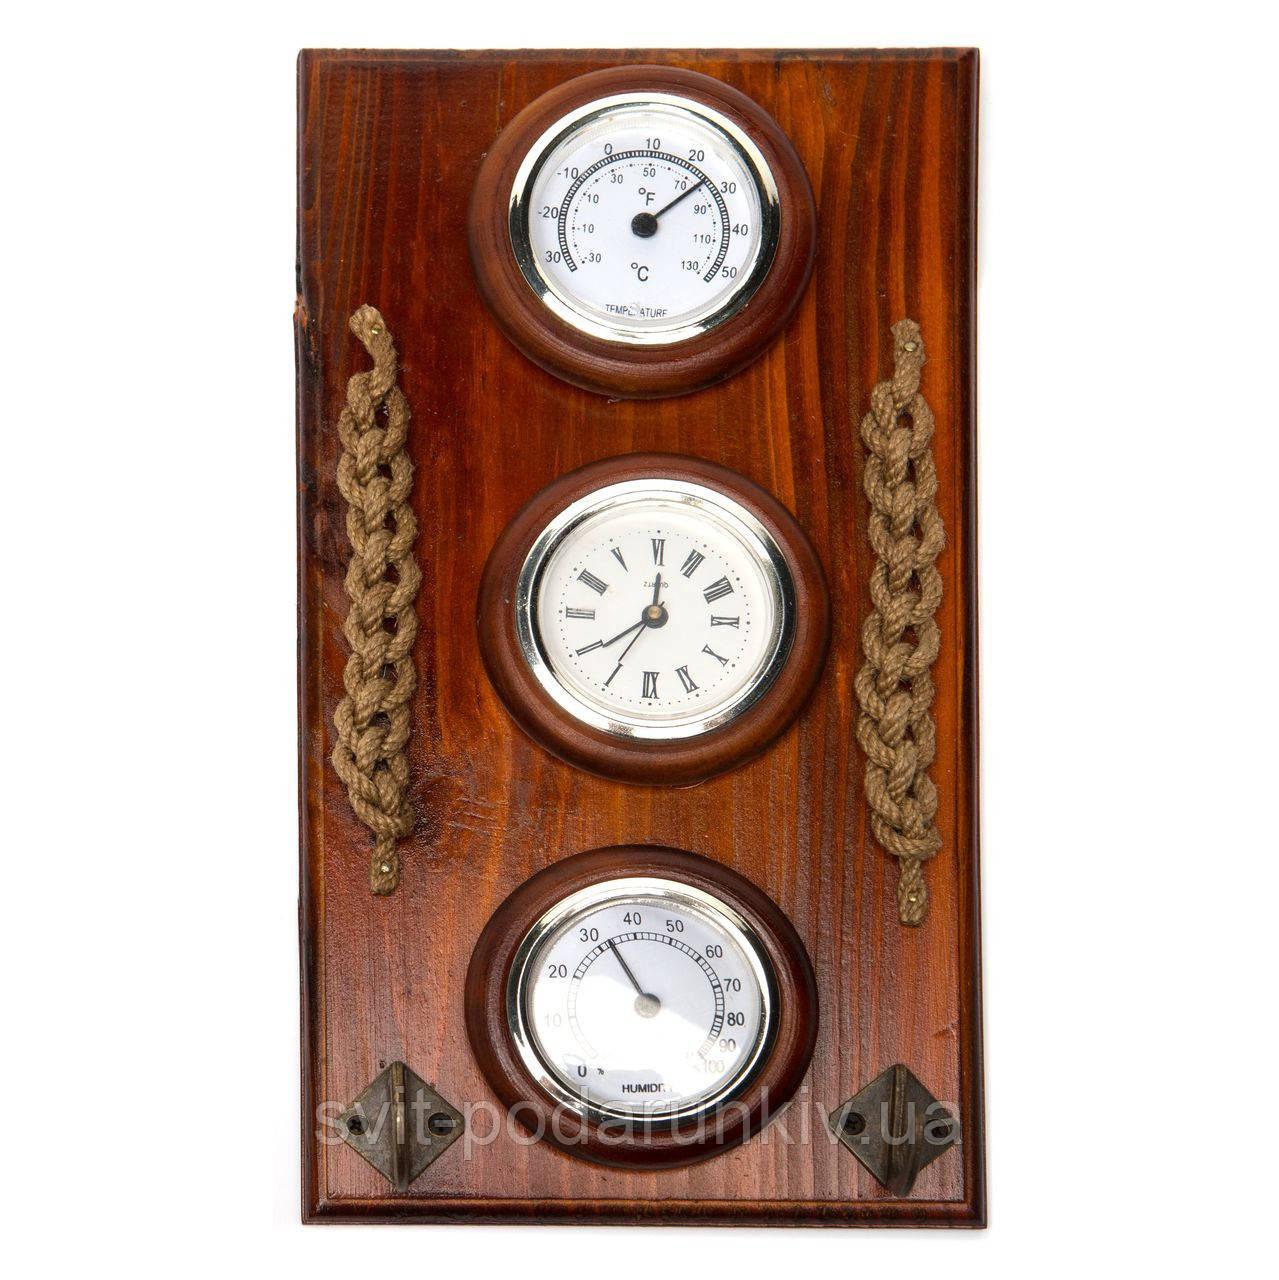 Настенные часы с термометром и гигрометром N010